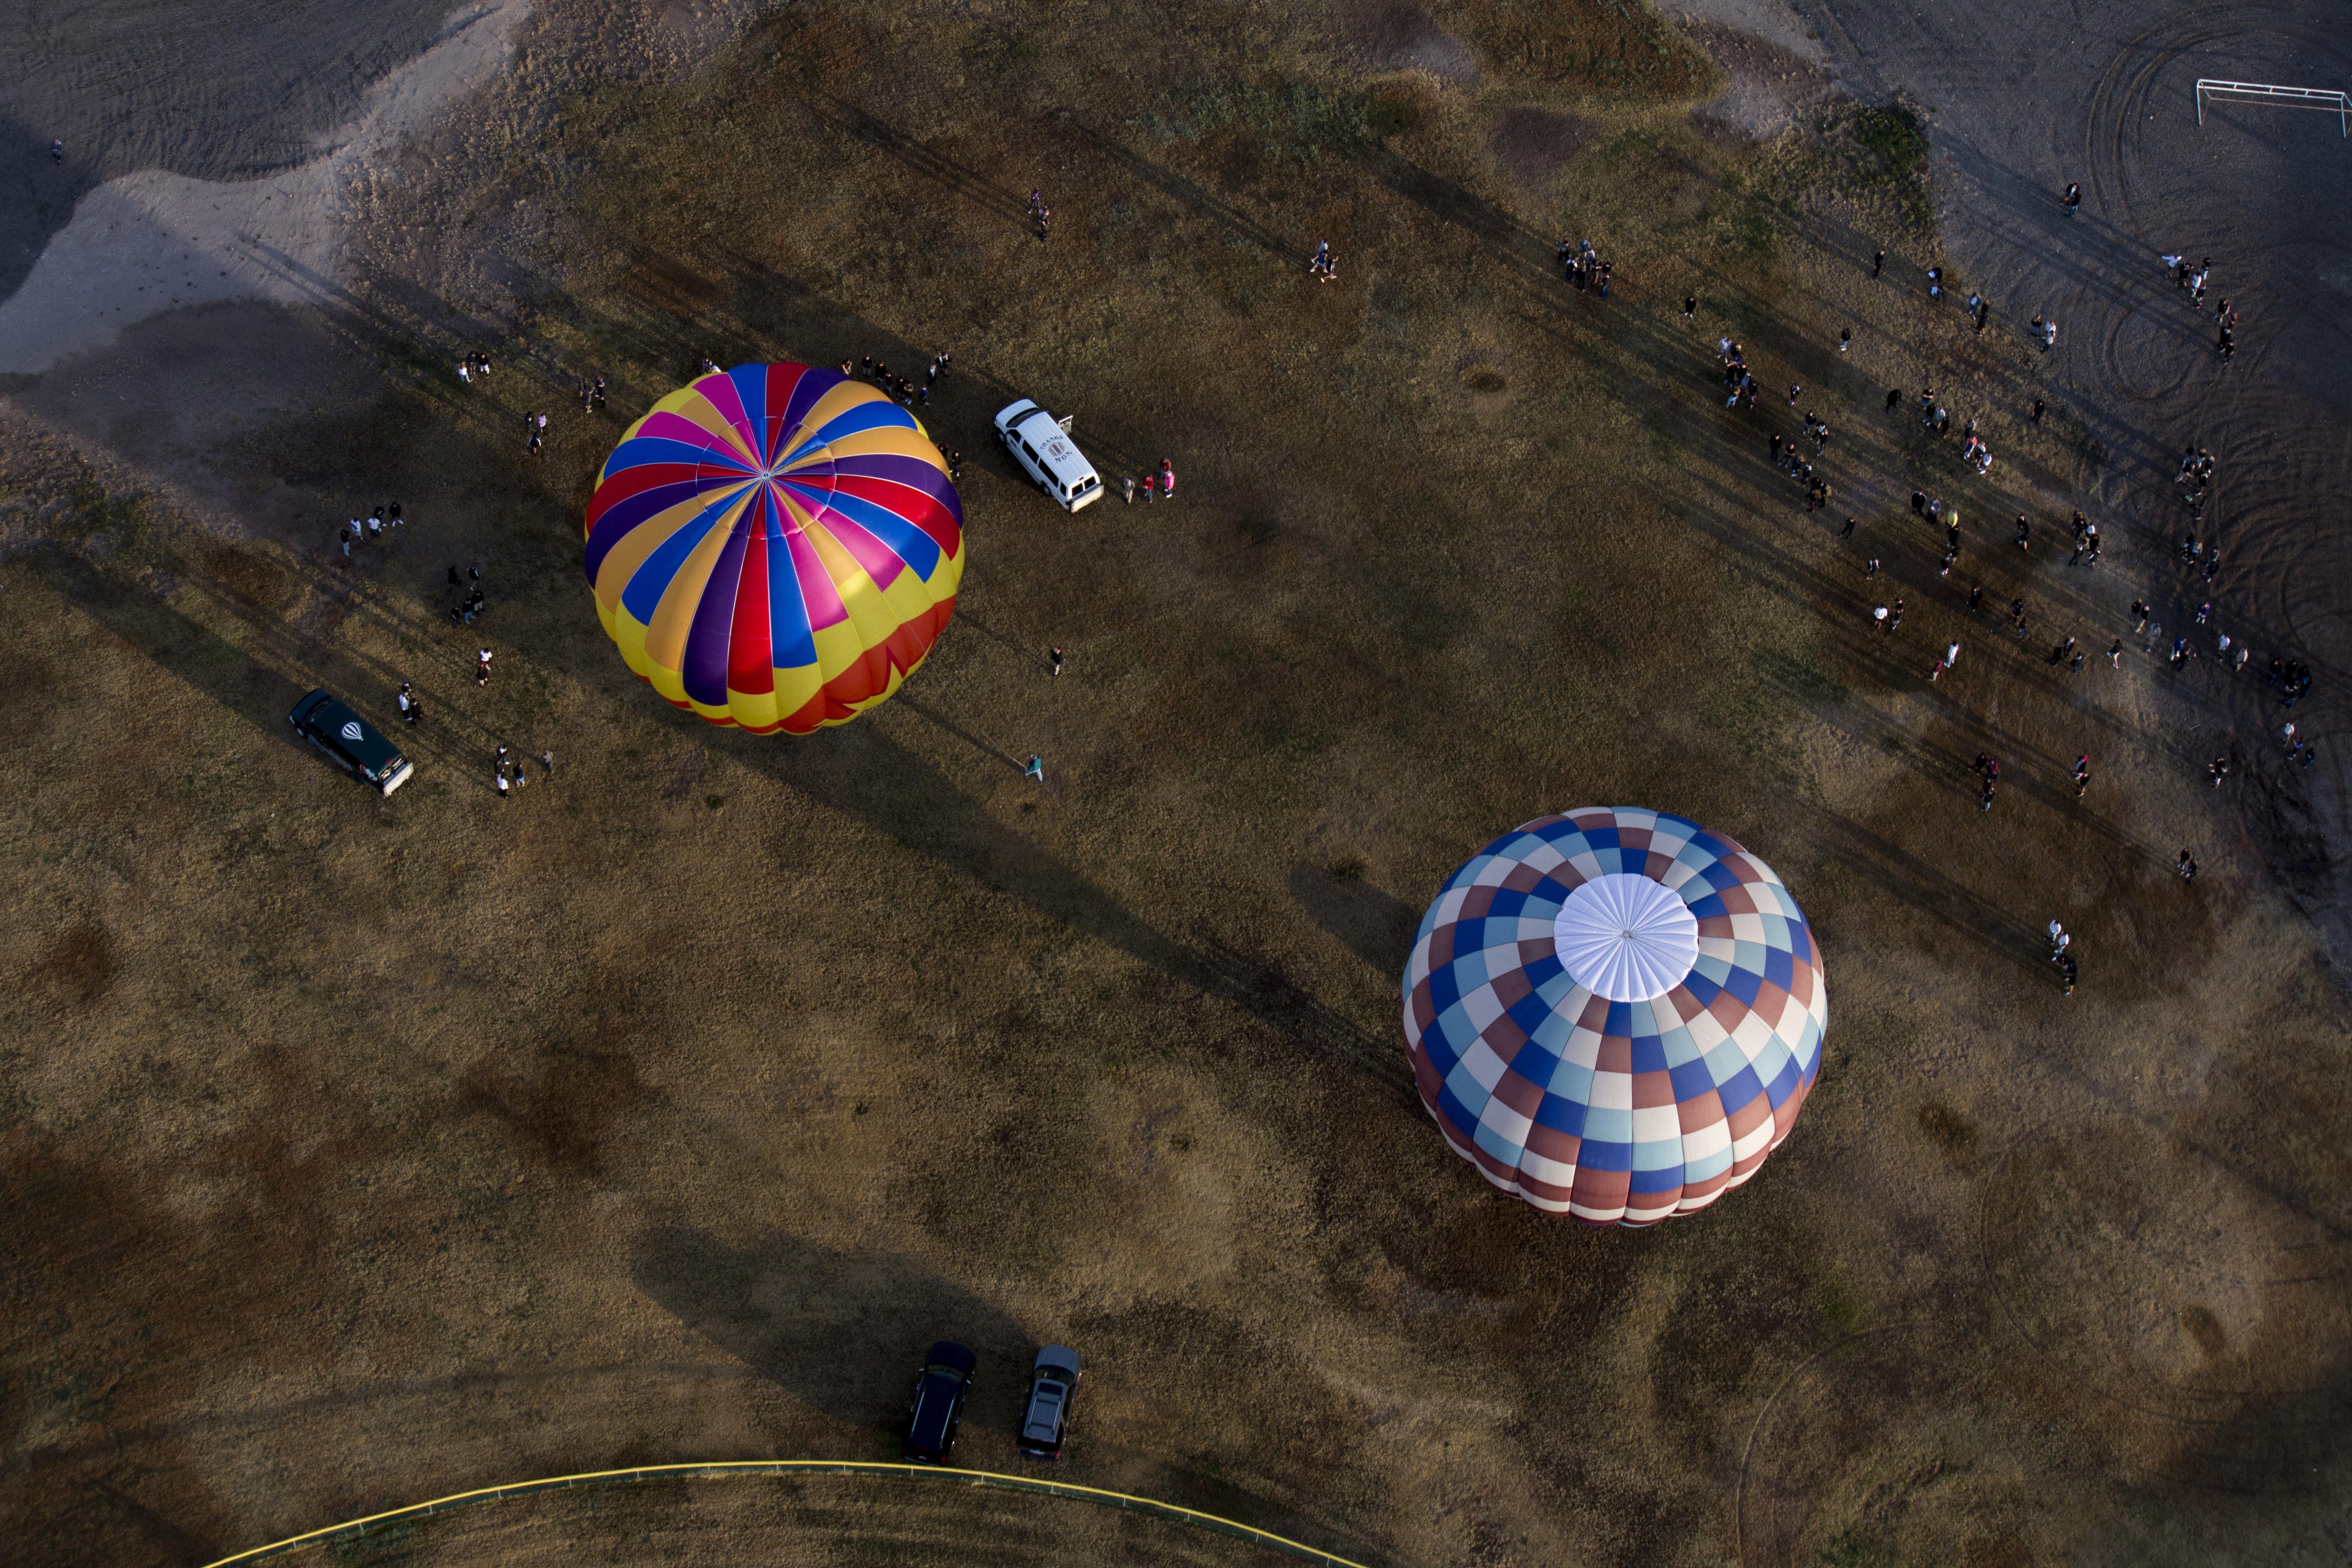 Lake Havasu Students Treated To Balloon Knowledge